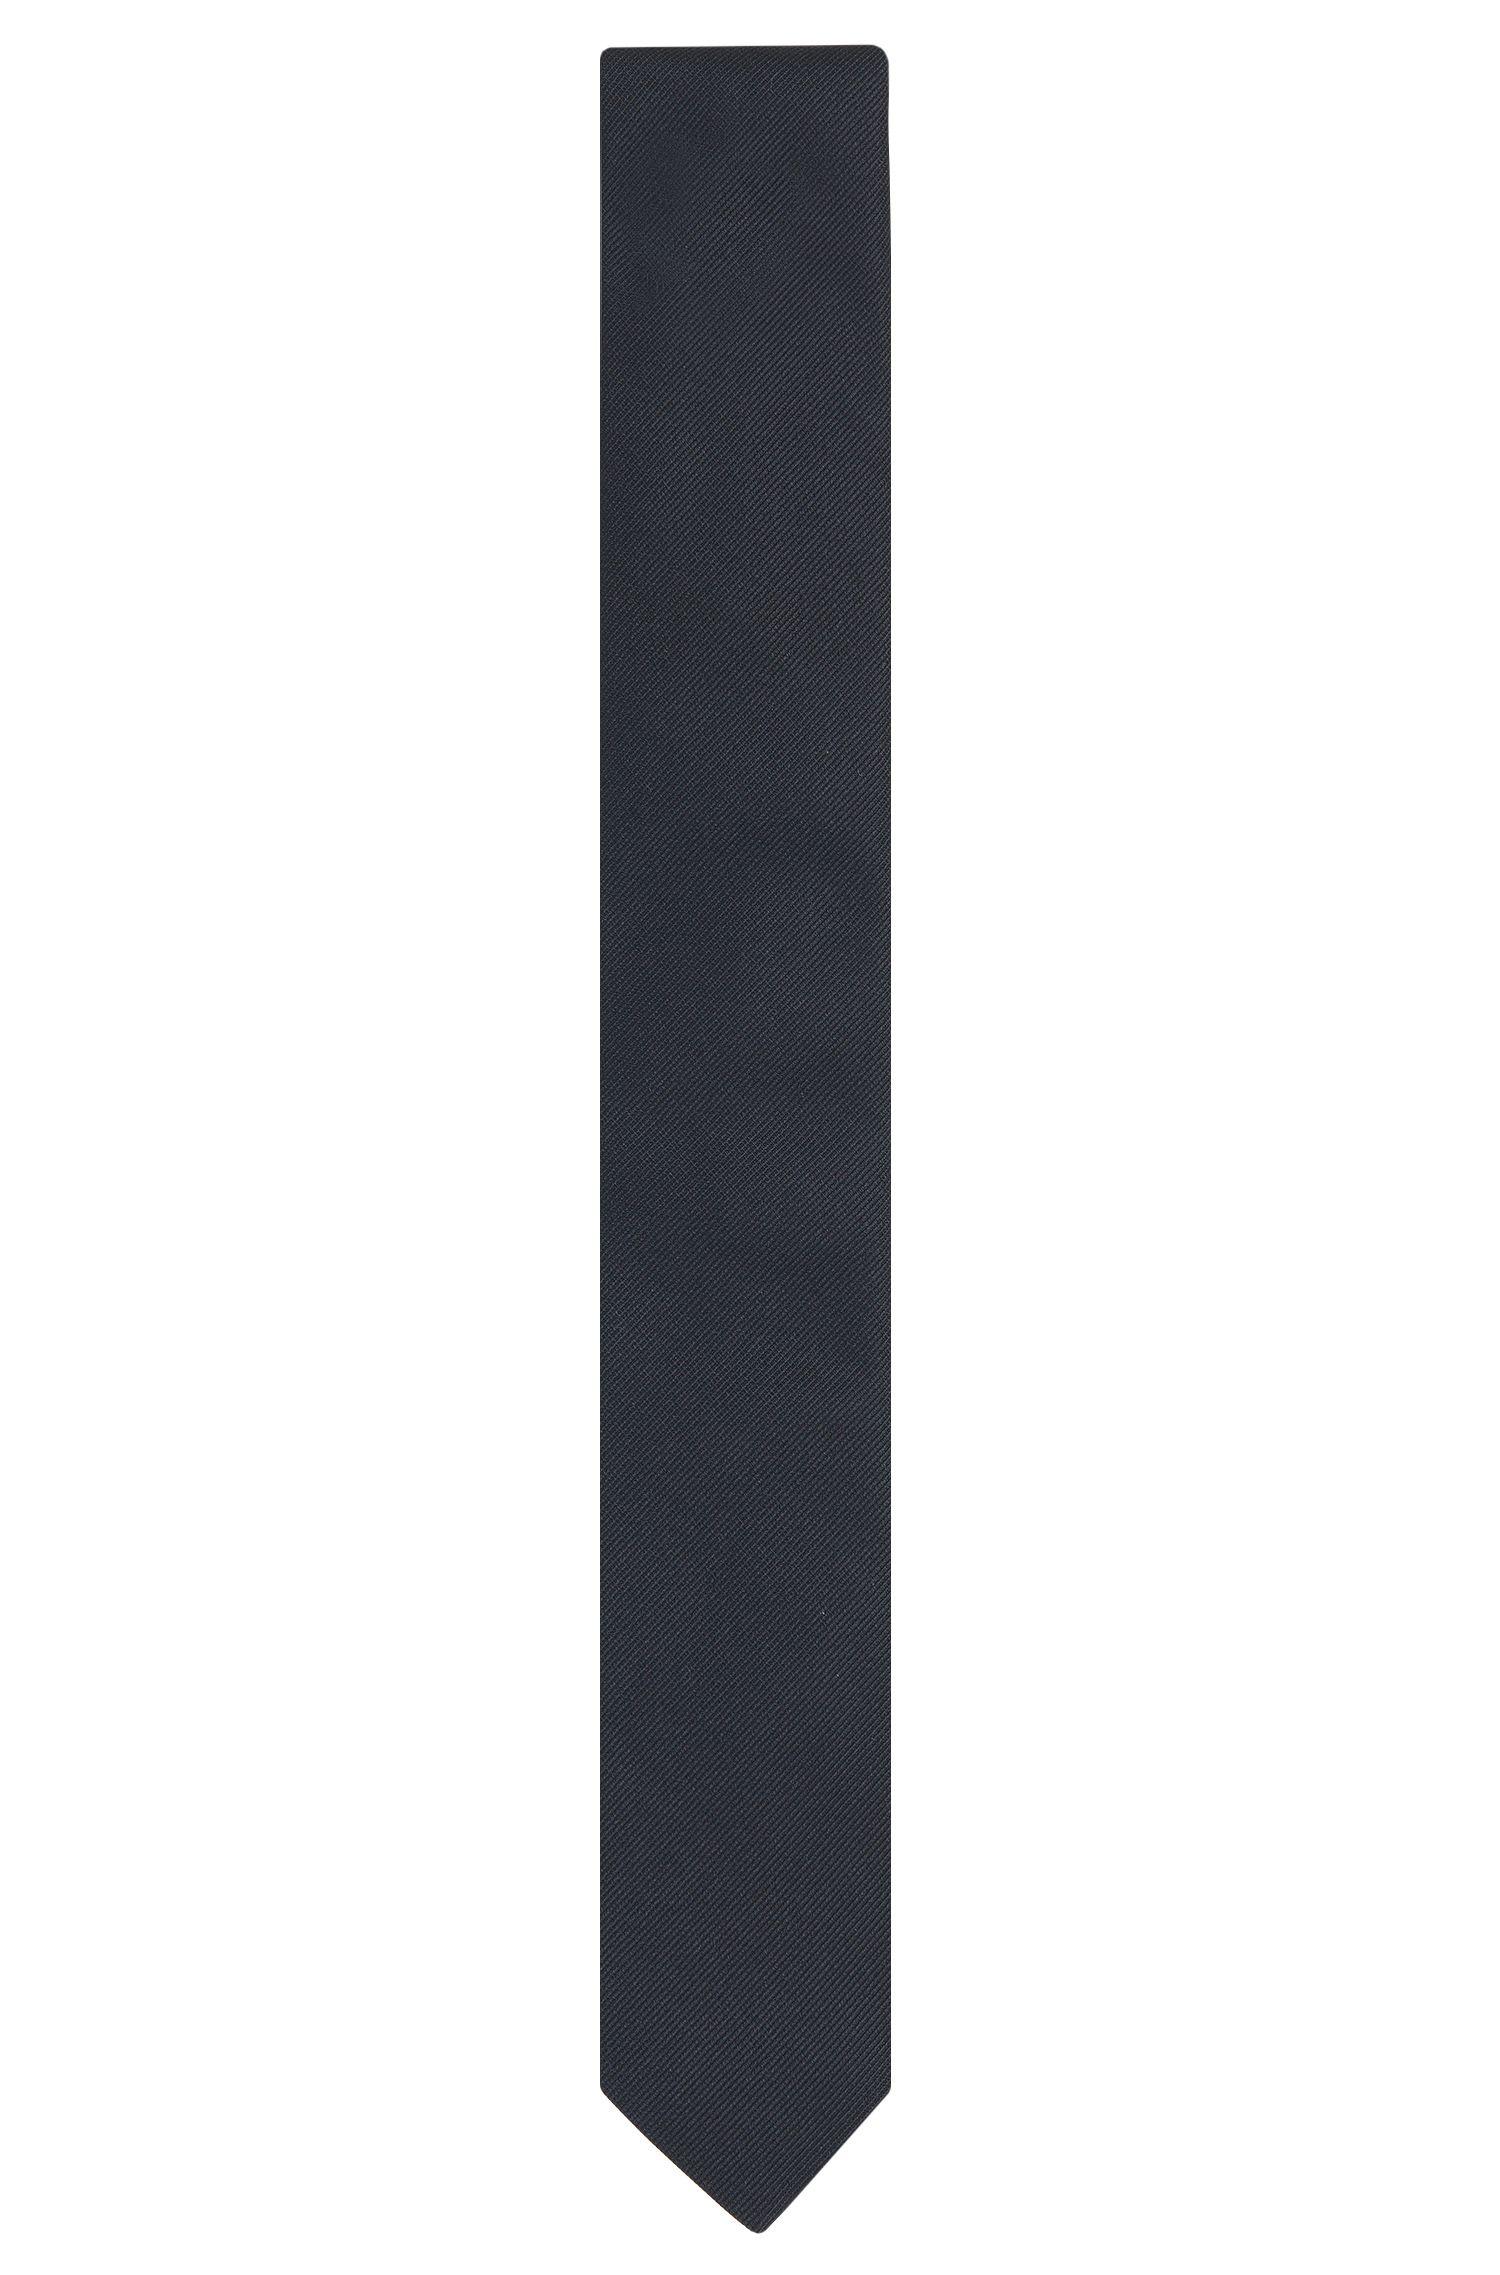 Cravatta realizzata in Italia in seta jacquard